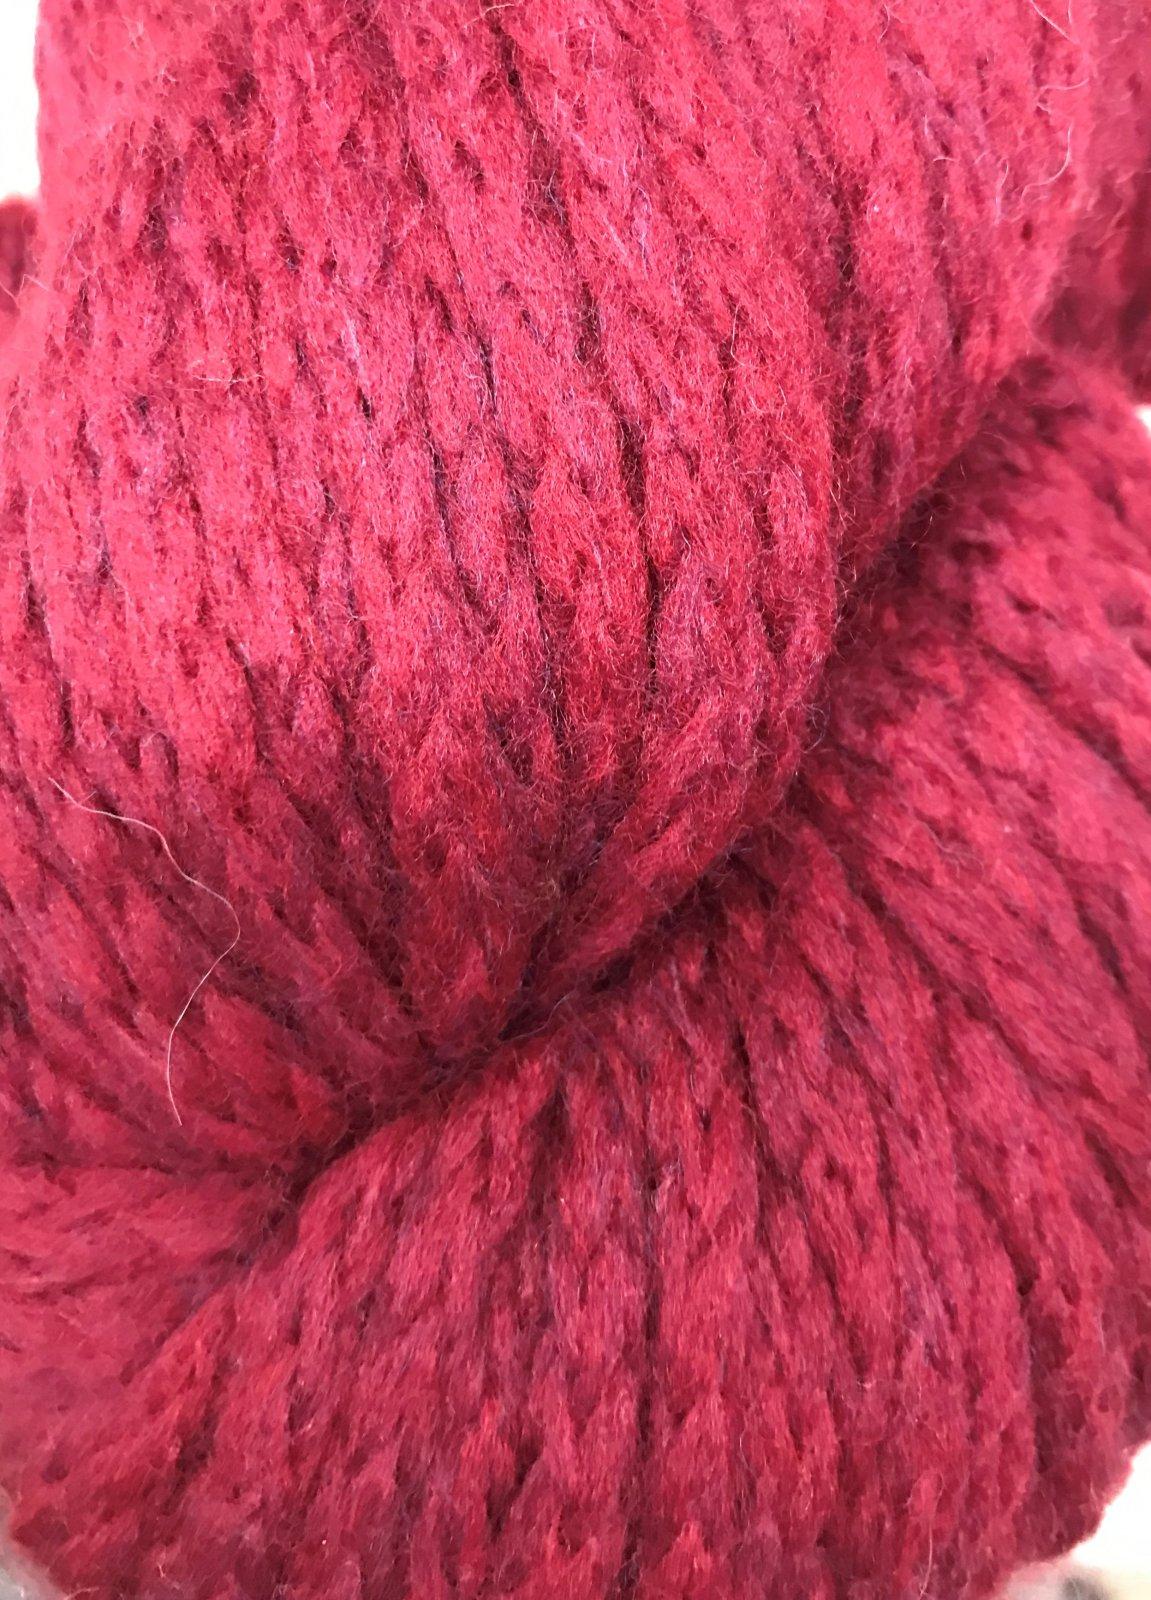 Crimson 1708 Mirasol Ushya 98/2 wool/poly 114y, 2.25sts=1on #15US